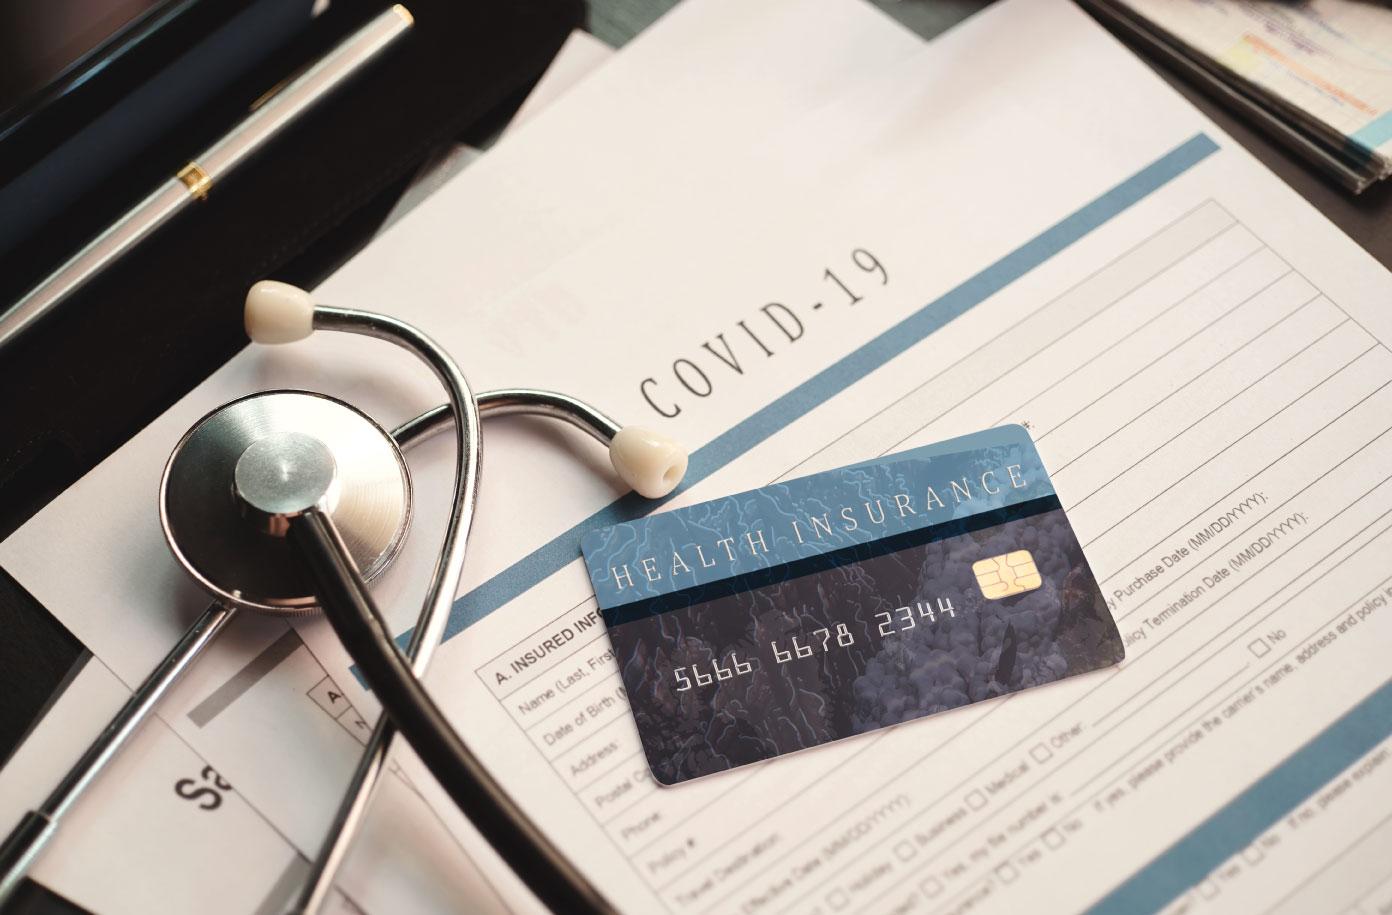 Innovación y digitalización para fortalecer a Aseguradoras en la nueva normalidad, sugiere CONDUSEF